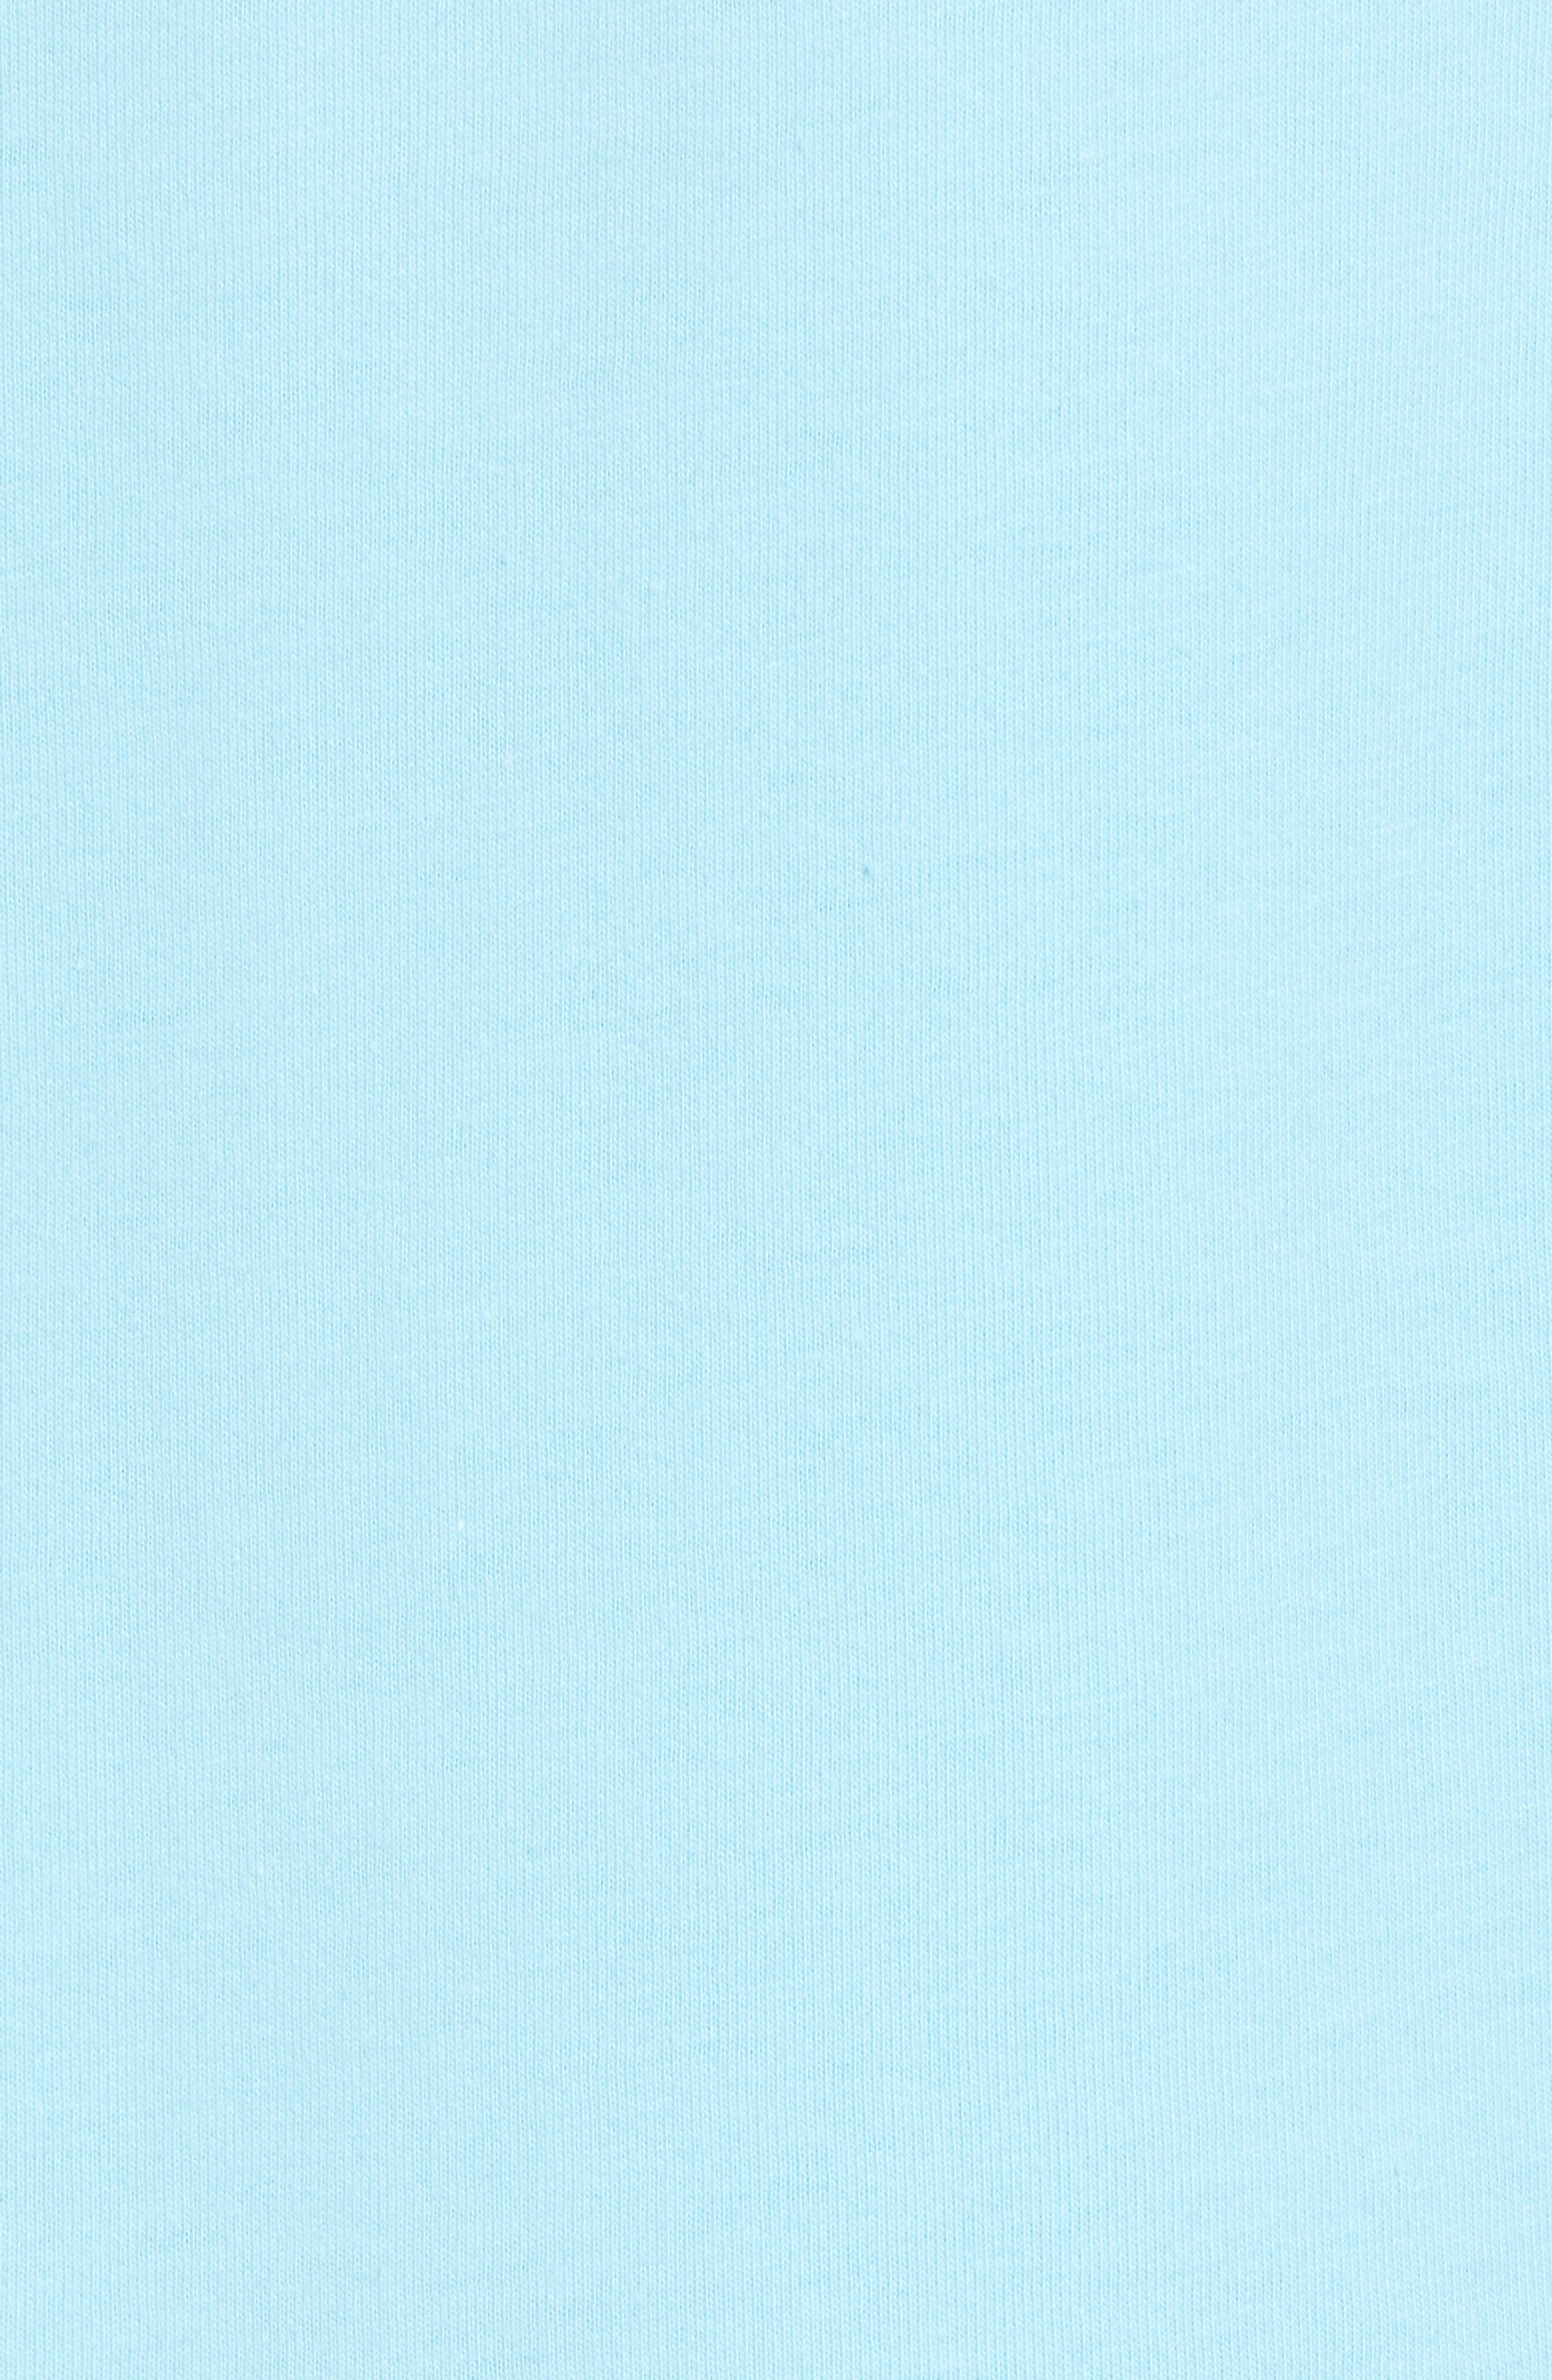 Pail-Eo Diet T-Shirt,                             Alternate thumbnail 5, color,                             Bowtie Blue